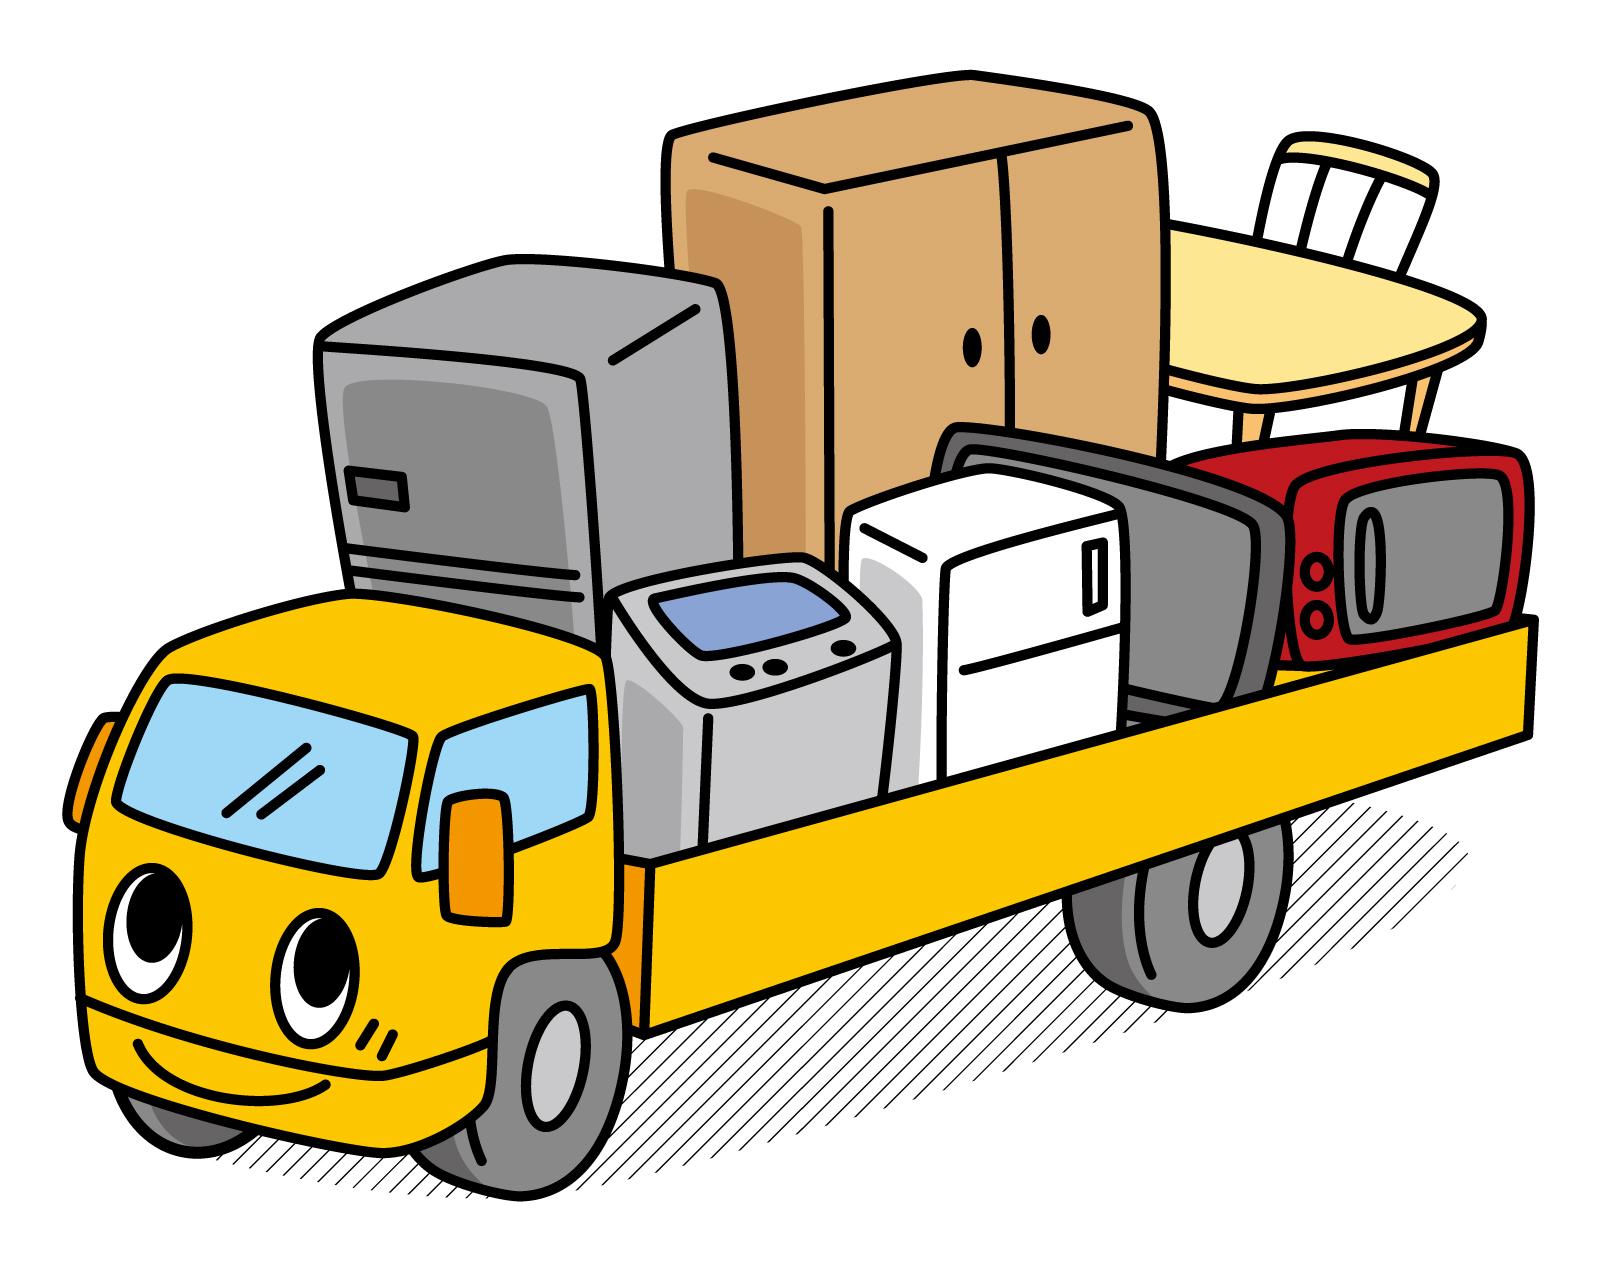 引っ越しの粗大ごみ処分エアコン・冷蔵庫と家具は別!?費用節約には?